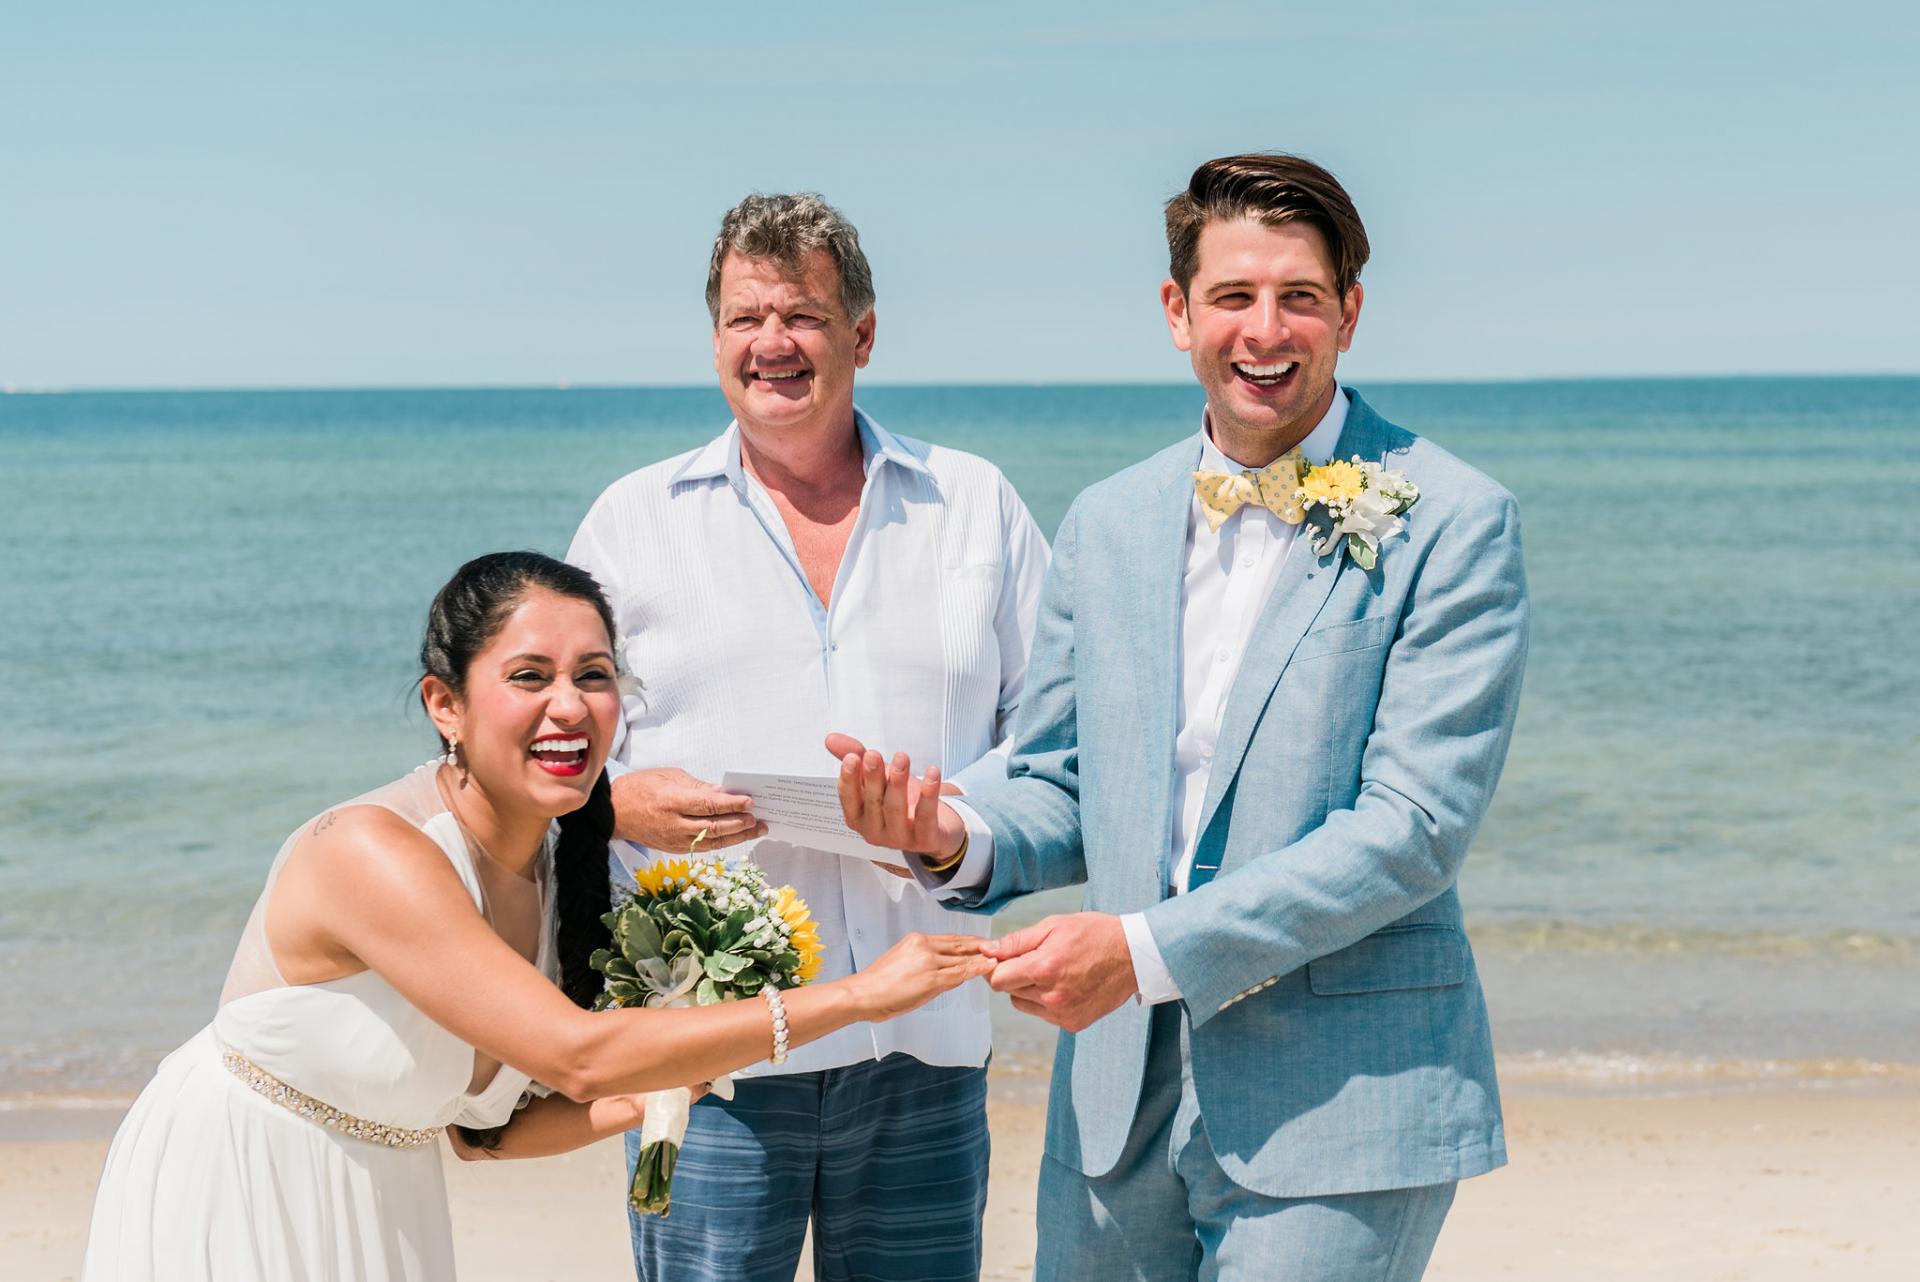 Falmouth, MA Strand Hochzeit Elopement Zeremonie Bild | Nachdem sie Ehemann und Ehefrau bekannt gegeben haben, stellen alle fest, dass sie vergessen haben, den Ringaustausch durchzuführen